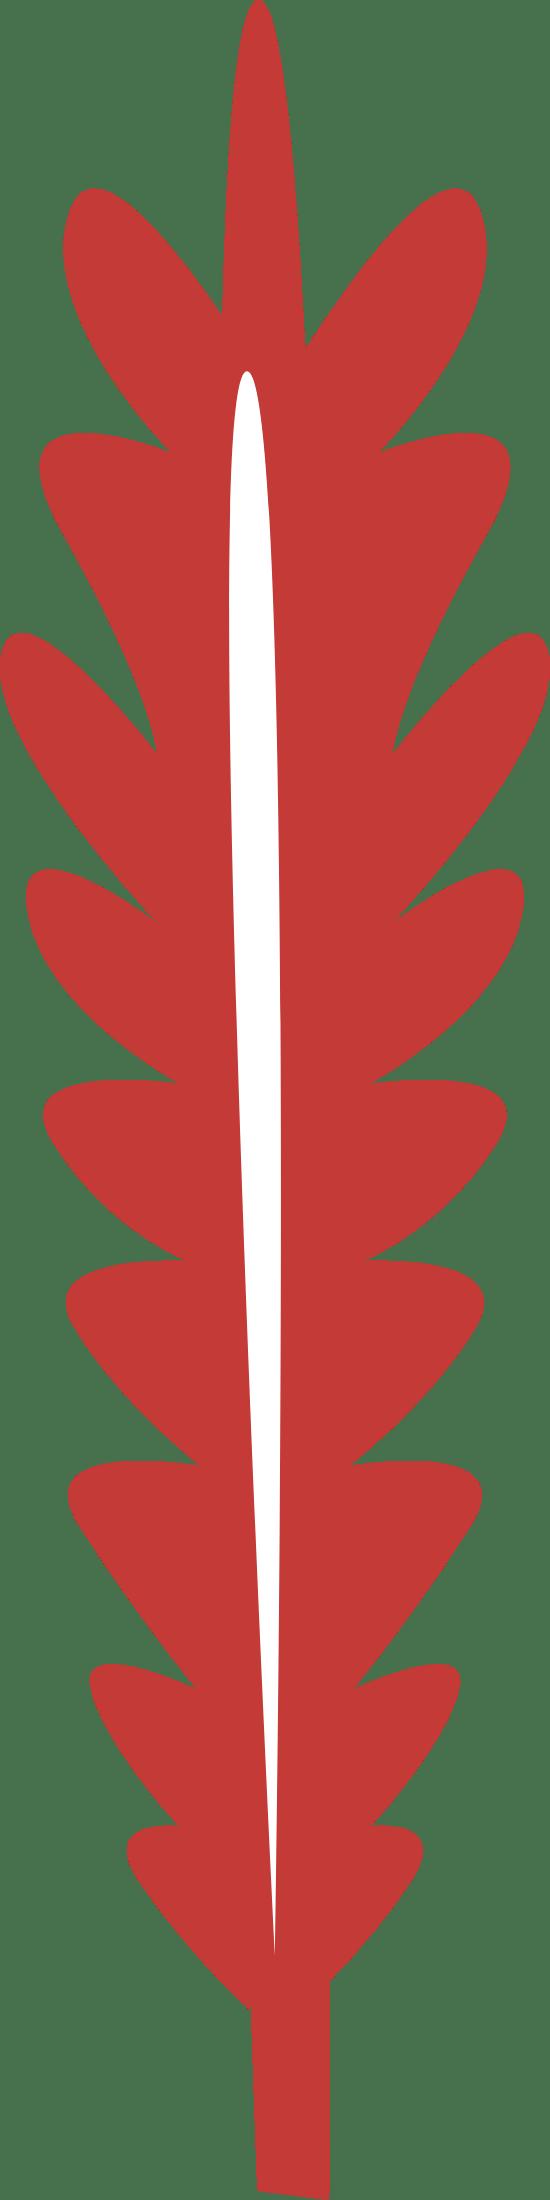 Nordic Long Leaf